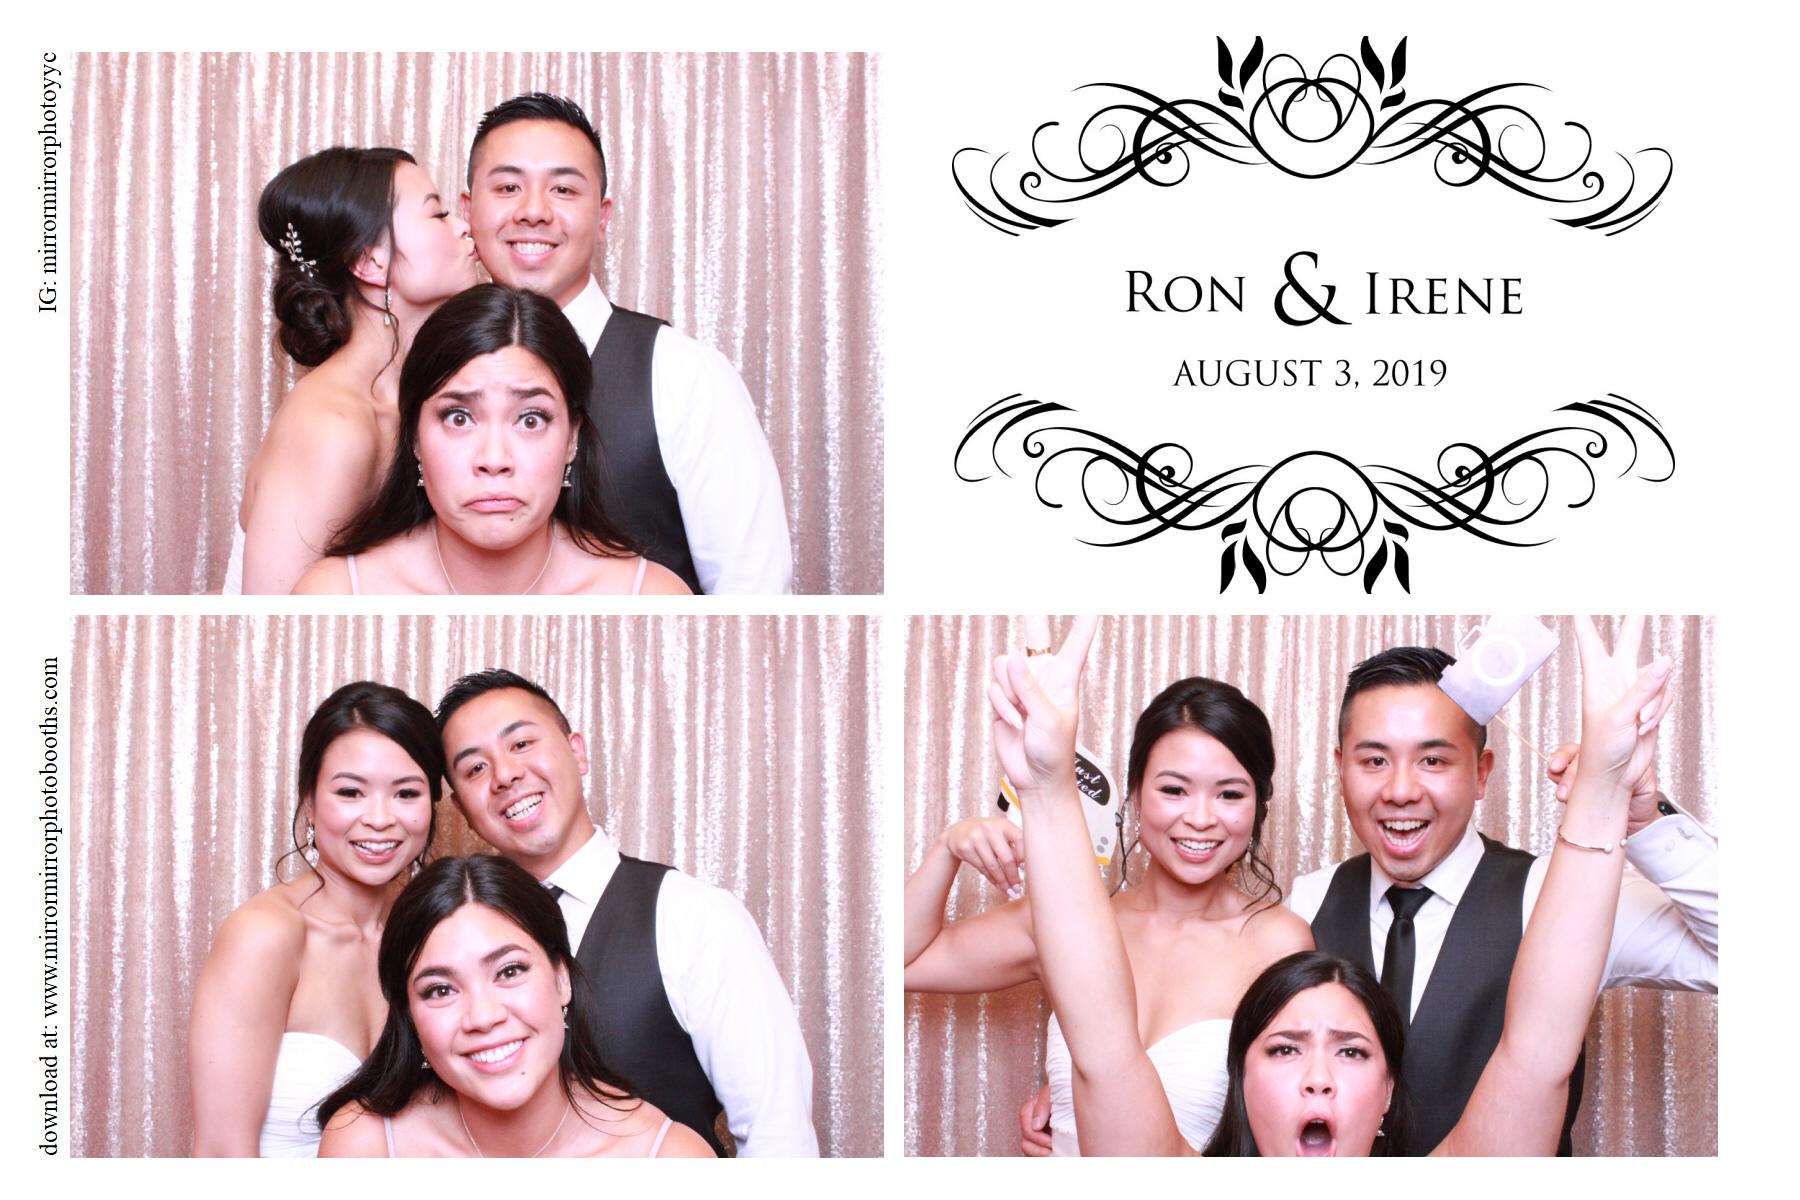 Irene & Ron's Wedding - Aug 3, 2019